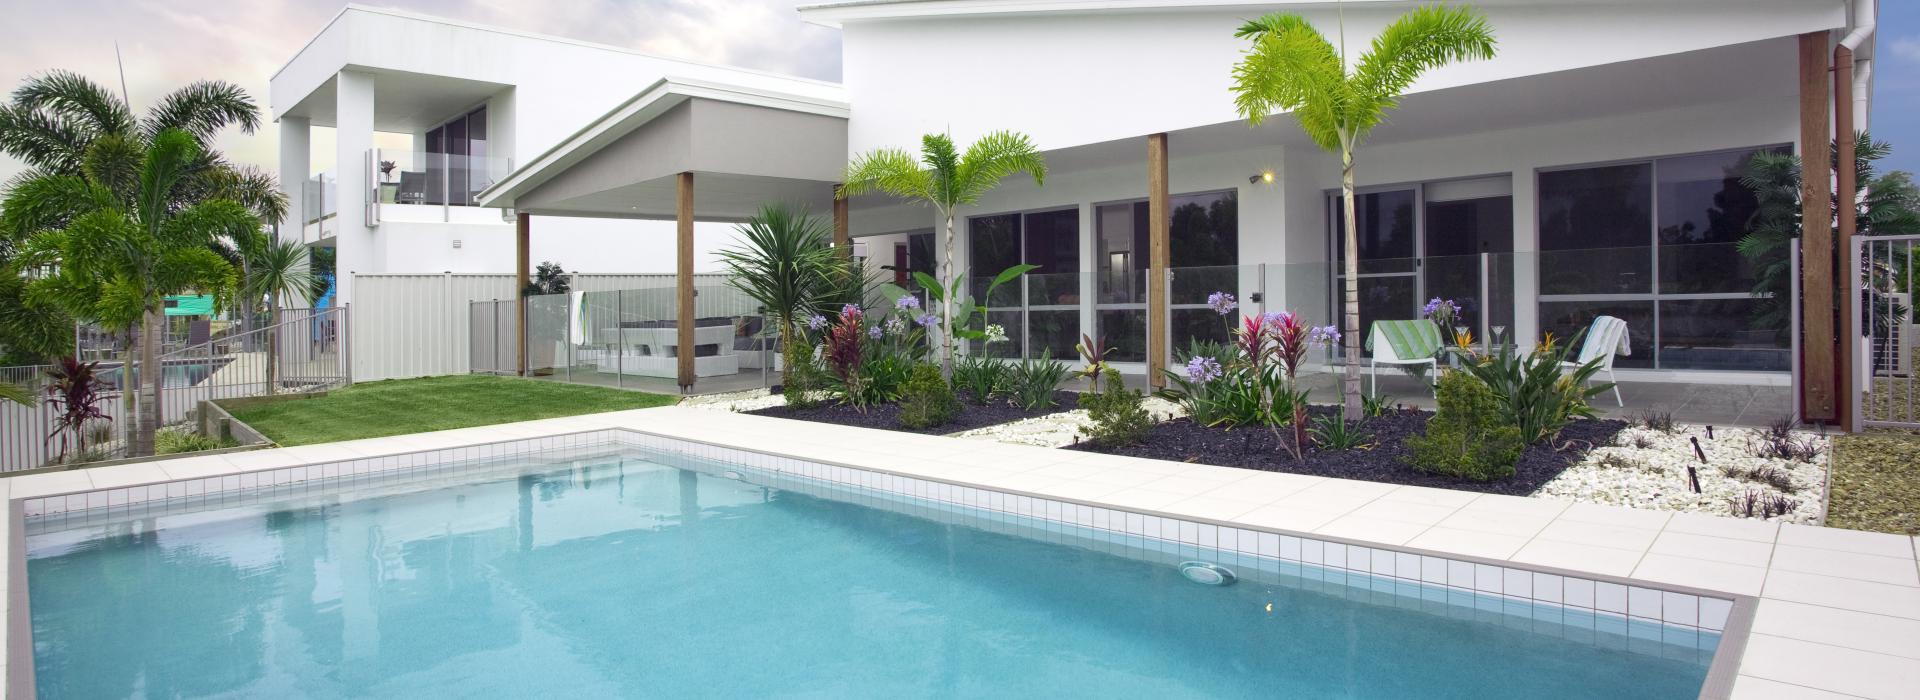 Design real estate home for Real estate design software